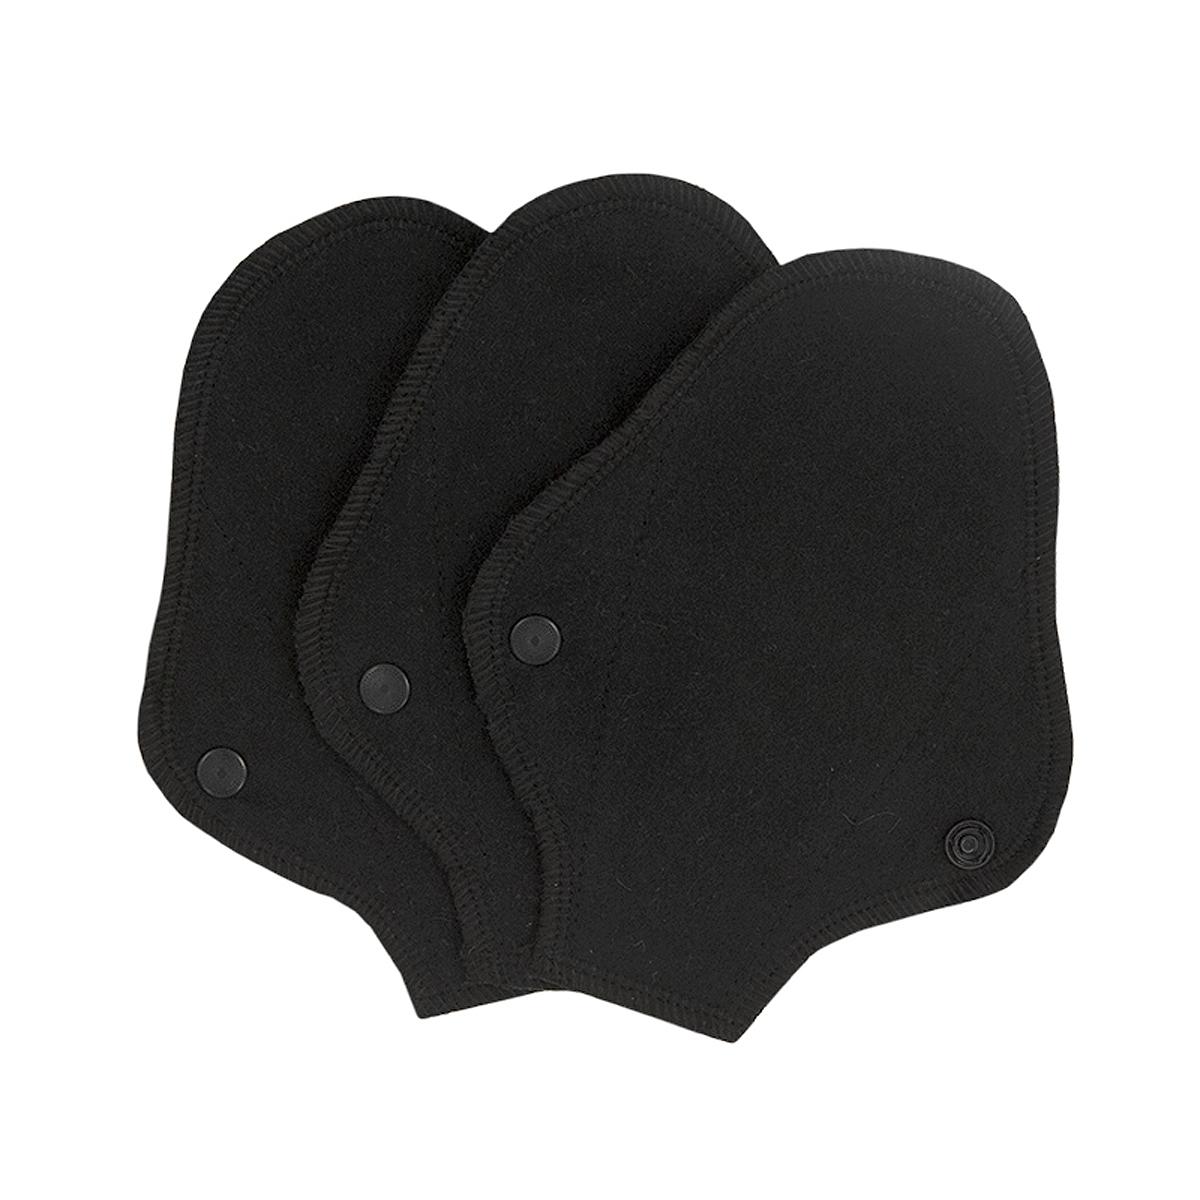 Imse tvätt- och återanvändbara trosskydd String ekologisk bomull svart 3-pack